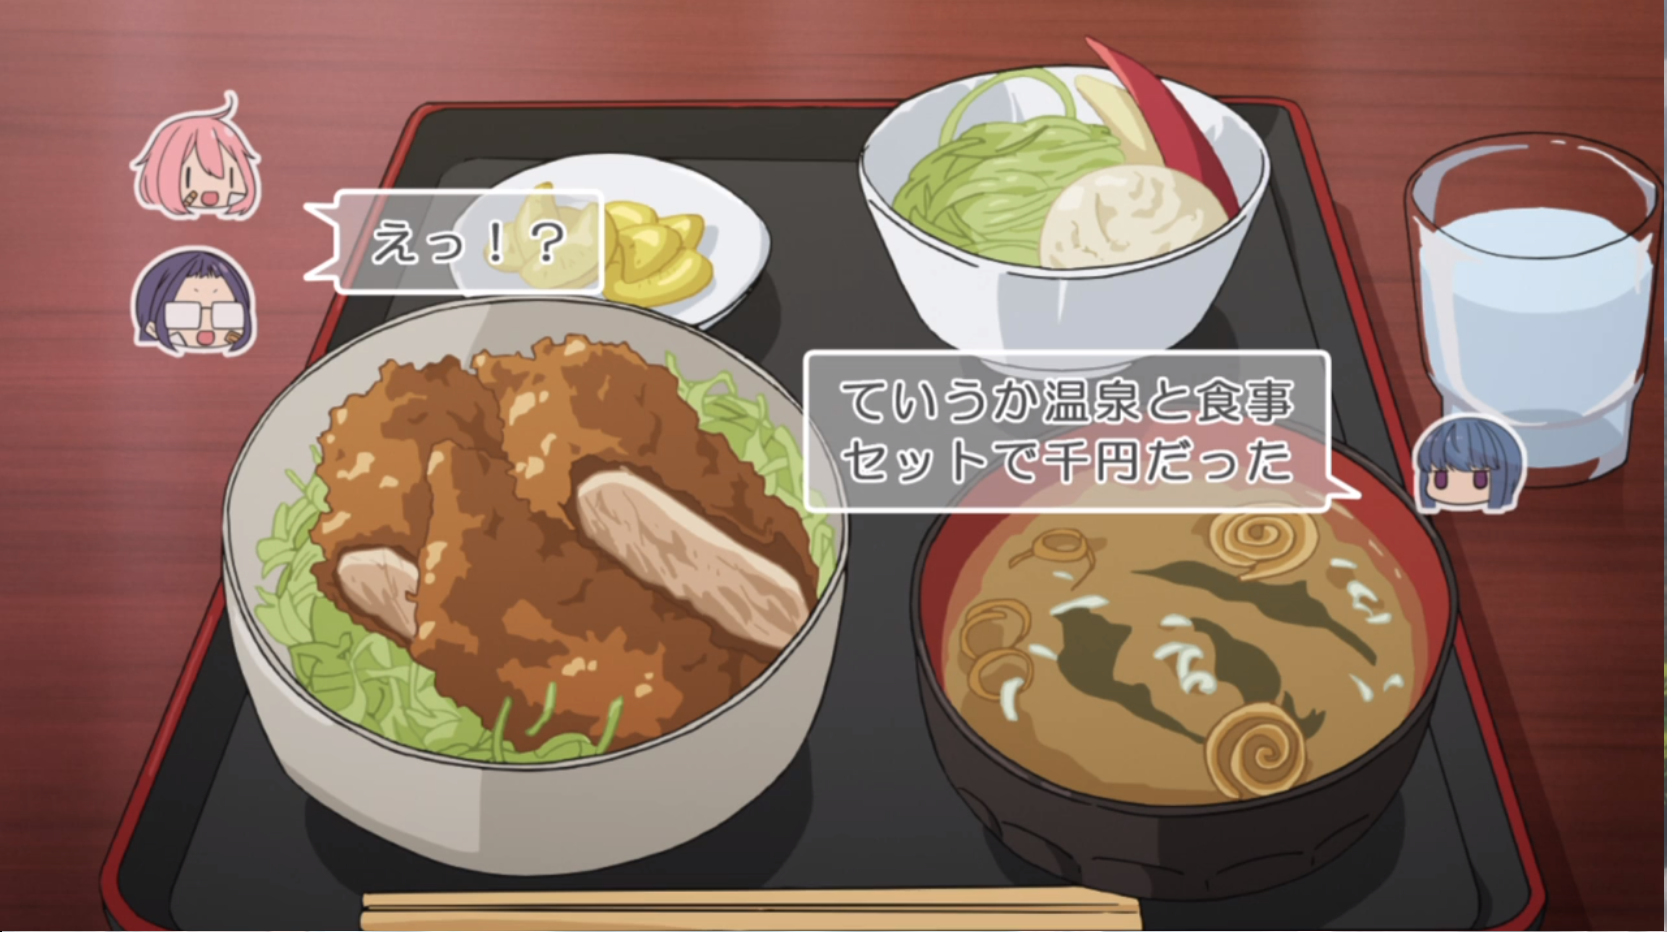 アニメ『ゆるキャン△』9話のこまがねの湯((こまくさの湯)で食べるミニソースカツどん